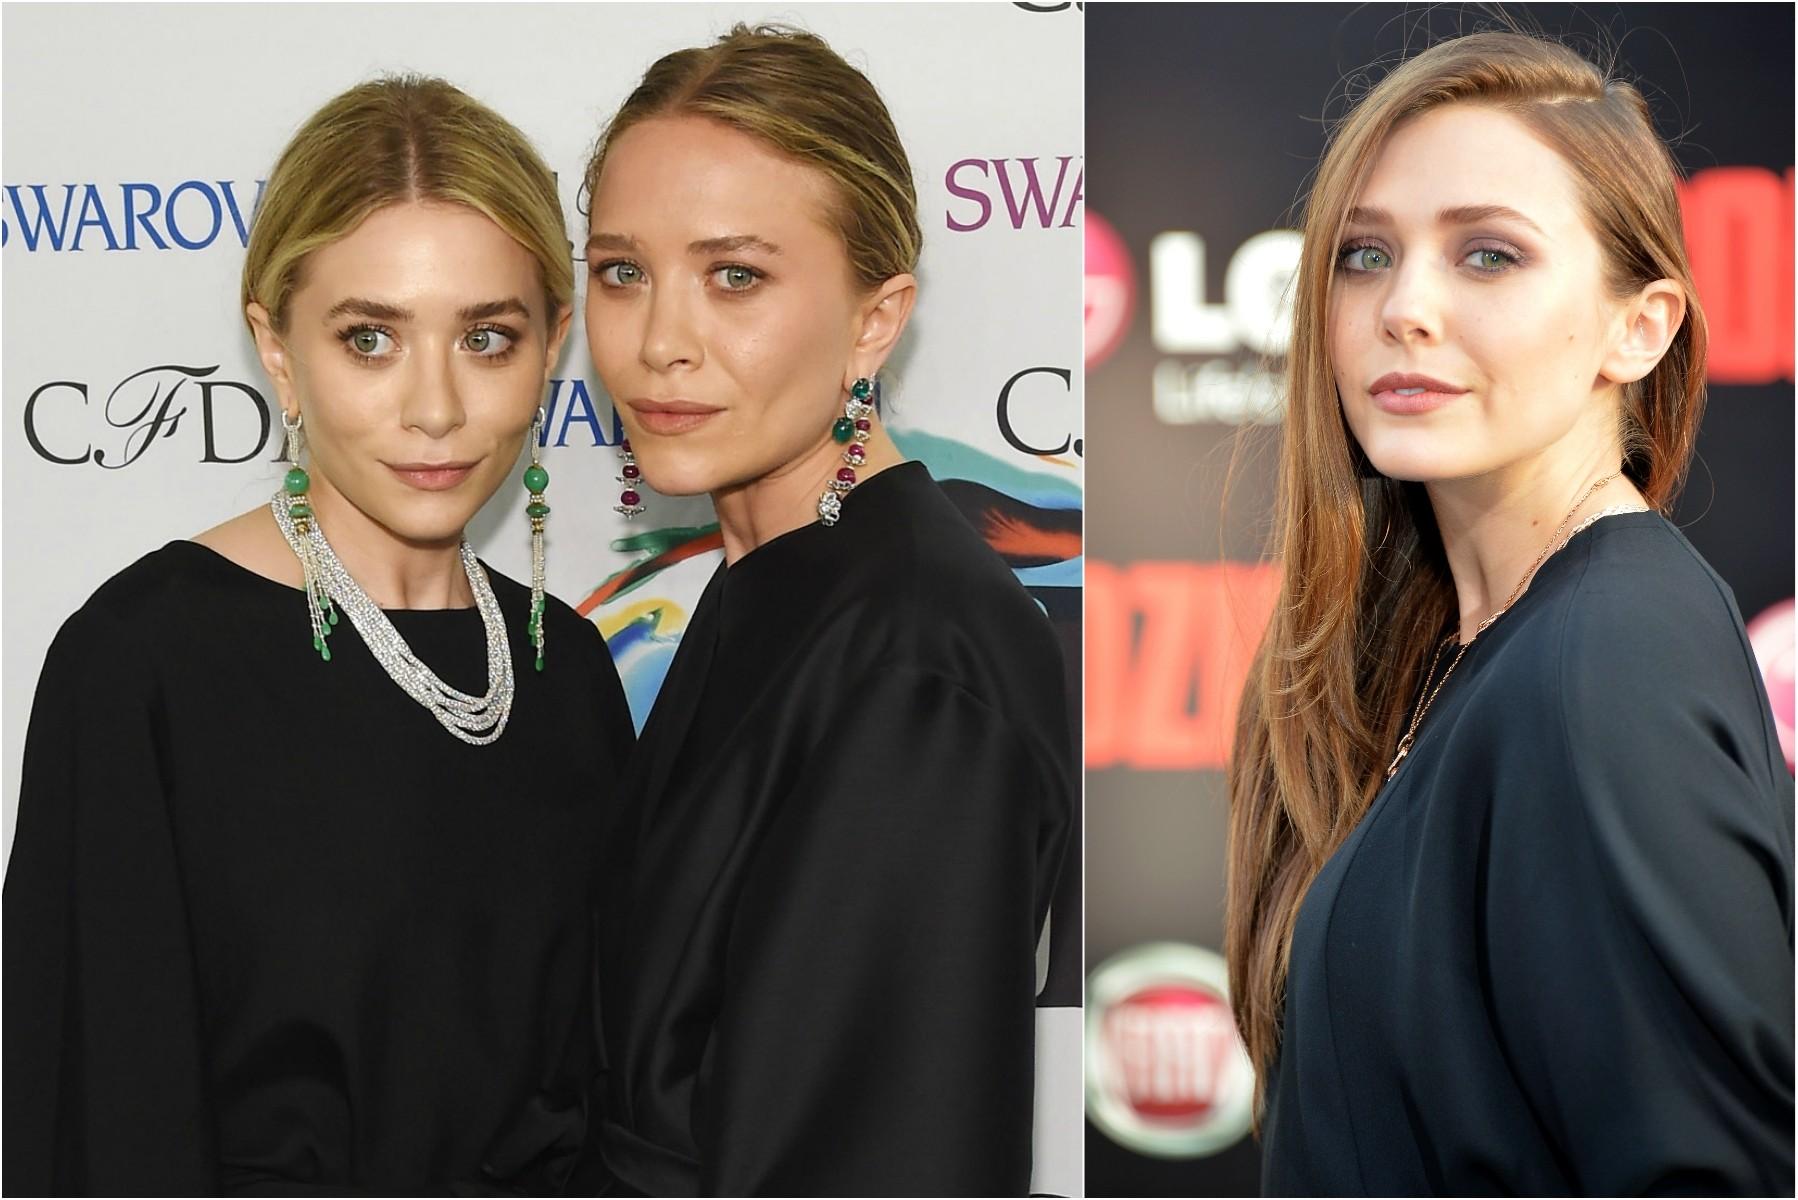 Claro que, se você conhece Mary-Kate Olsen, você também conhece Ashley. Ou vice-versa. Mas quem você talvez não conheça é a irmã mais nova das gêmeas de 28 anos, a atriz Elizabeth Olsen, de 25. (Foto: Getty Images)